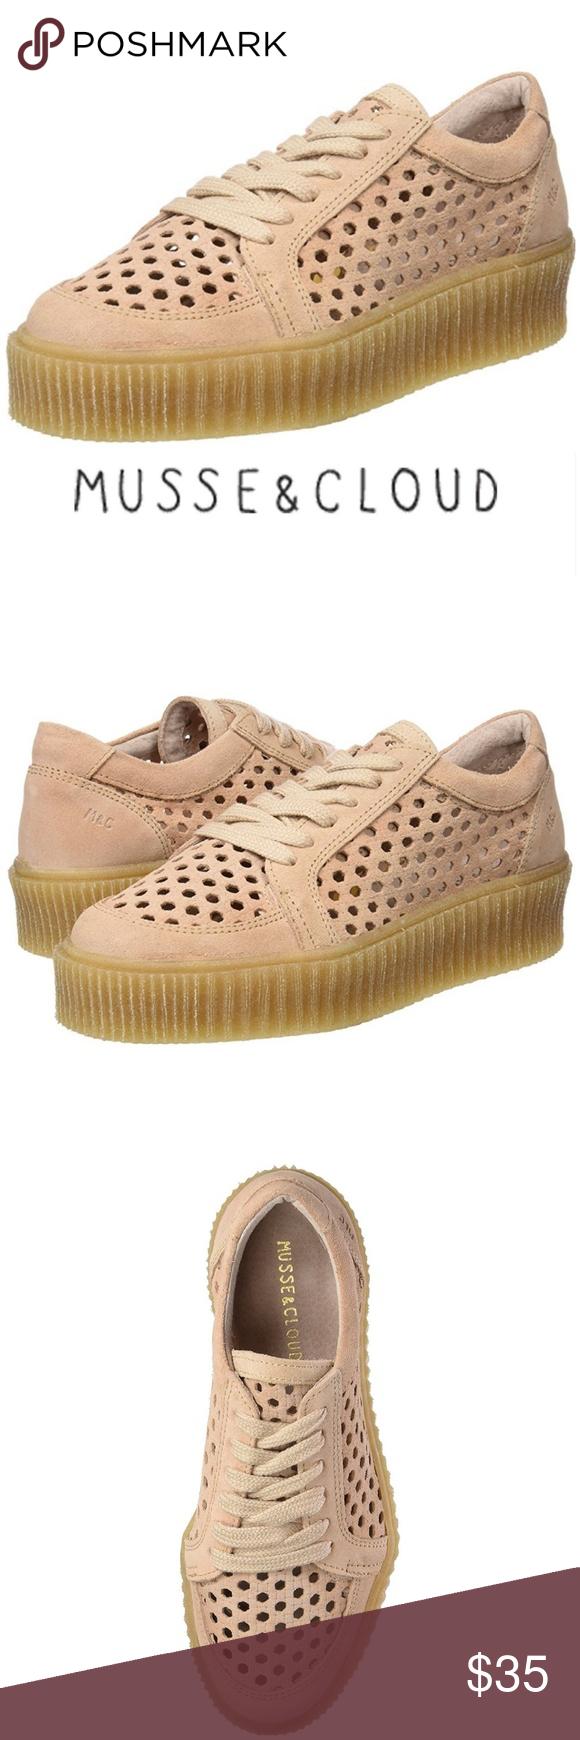 Musse \u0026 Cloud Pink Platform Sneakers